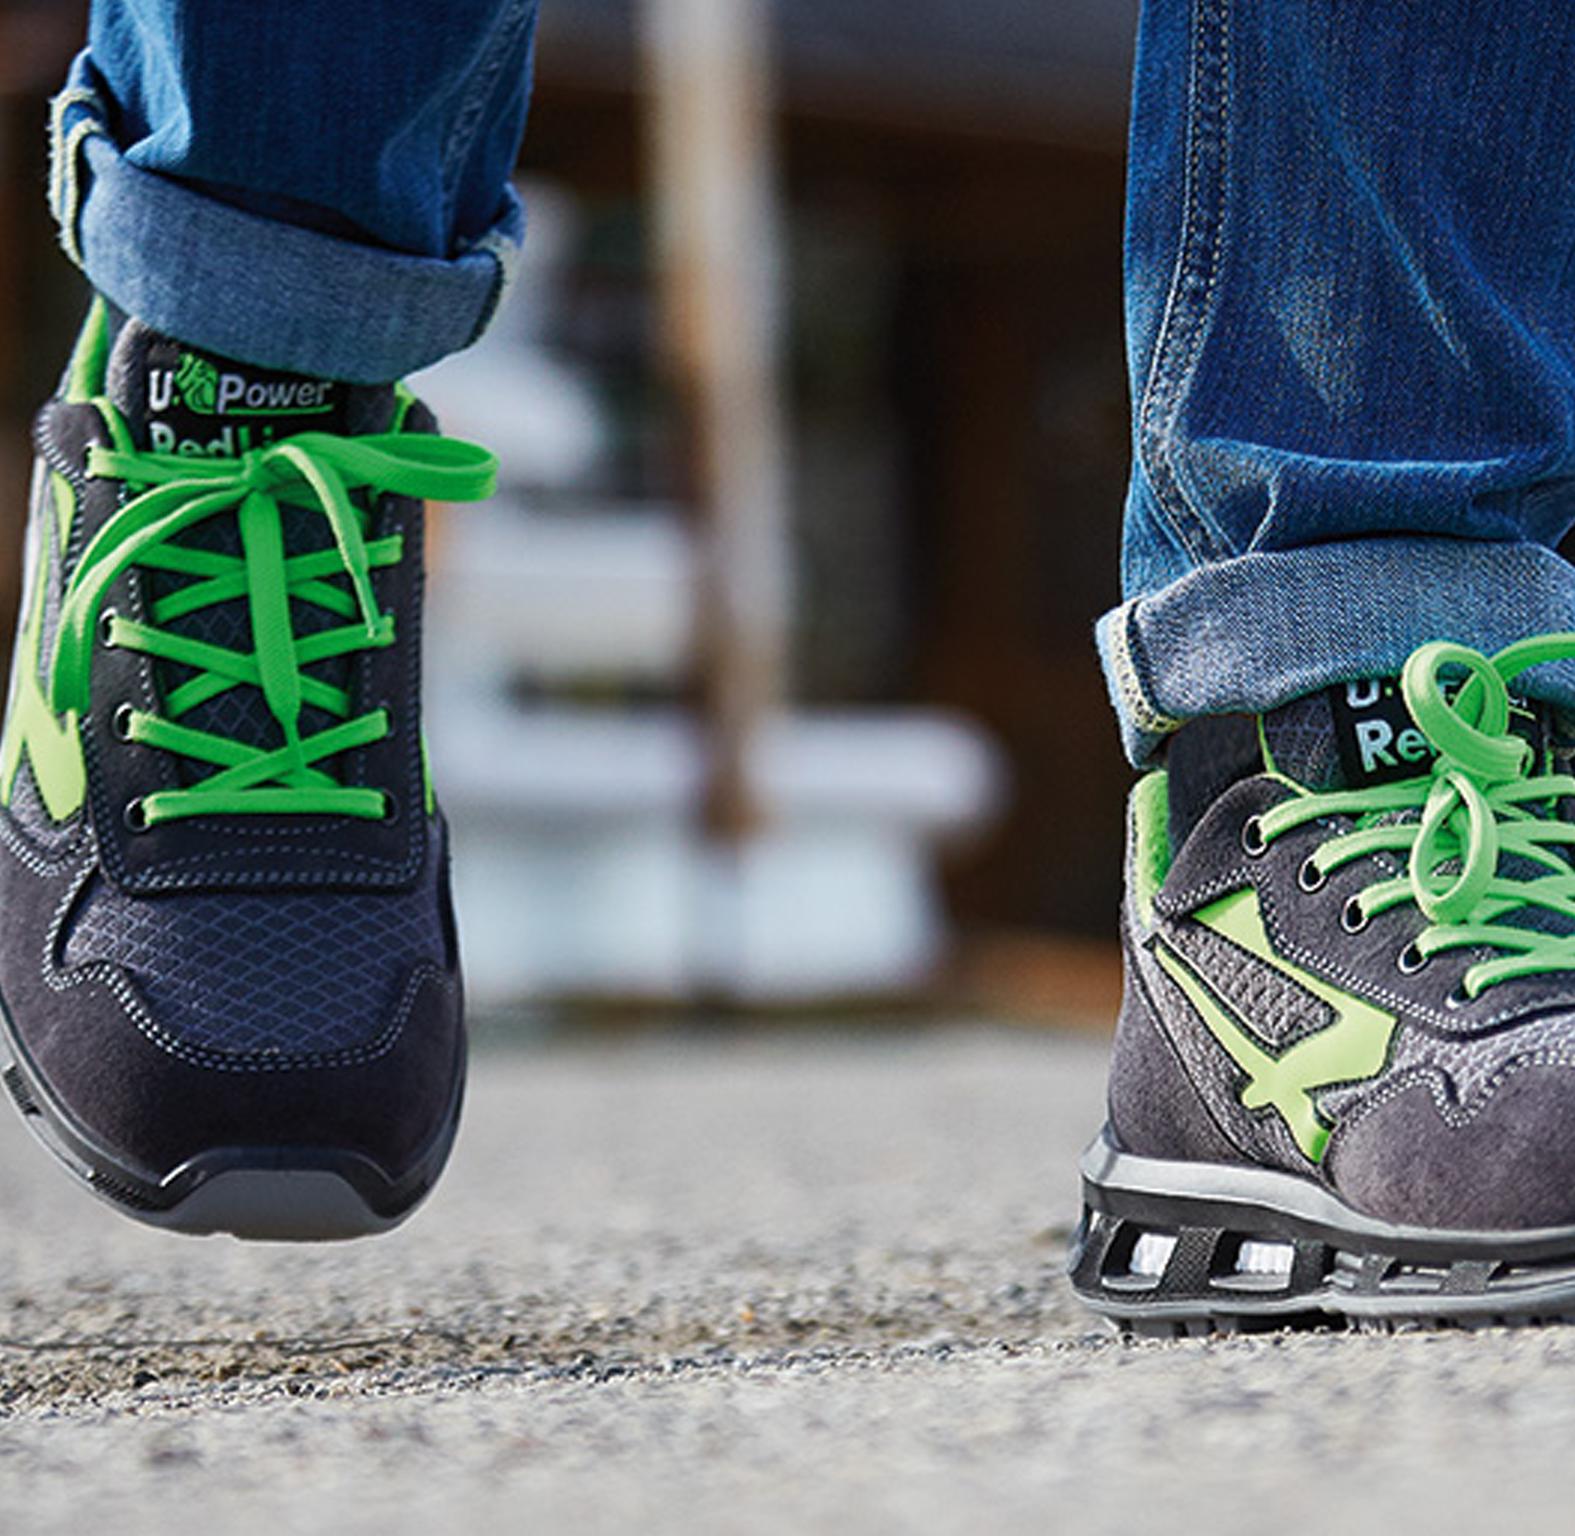 stili di moda prezzo basso scarpe da skate Scarpe Antinfortunistiche da Lavoro Monza | Travisani ...